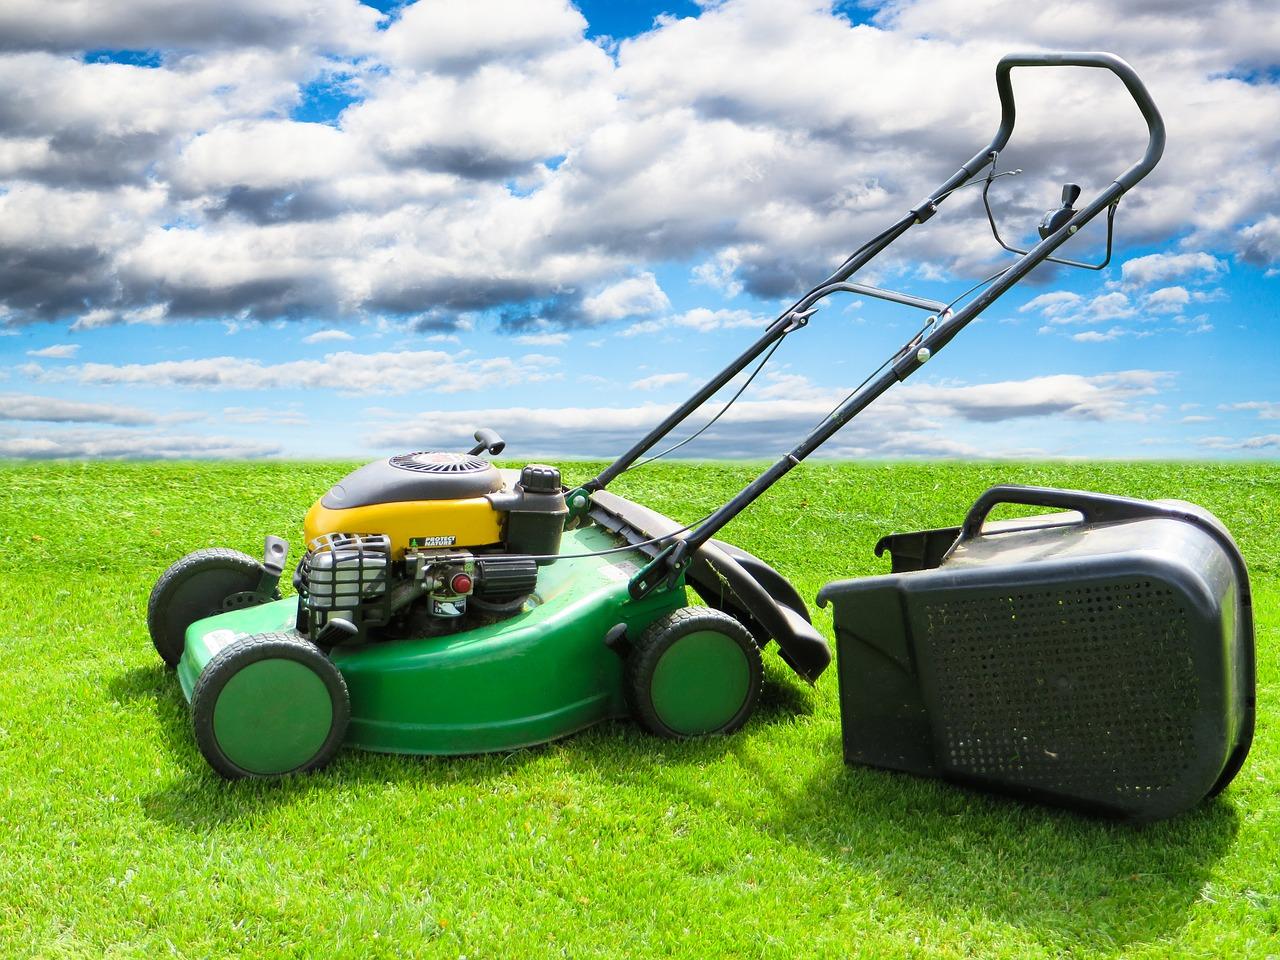 Zabezpieczenie narzędzi ogrodniczych przed zimą